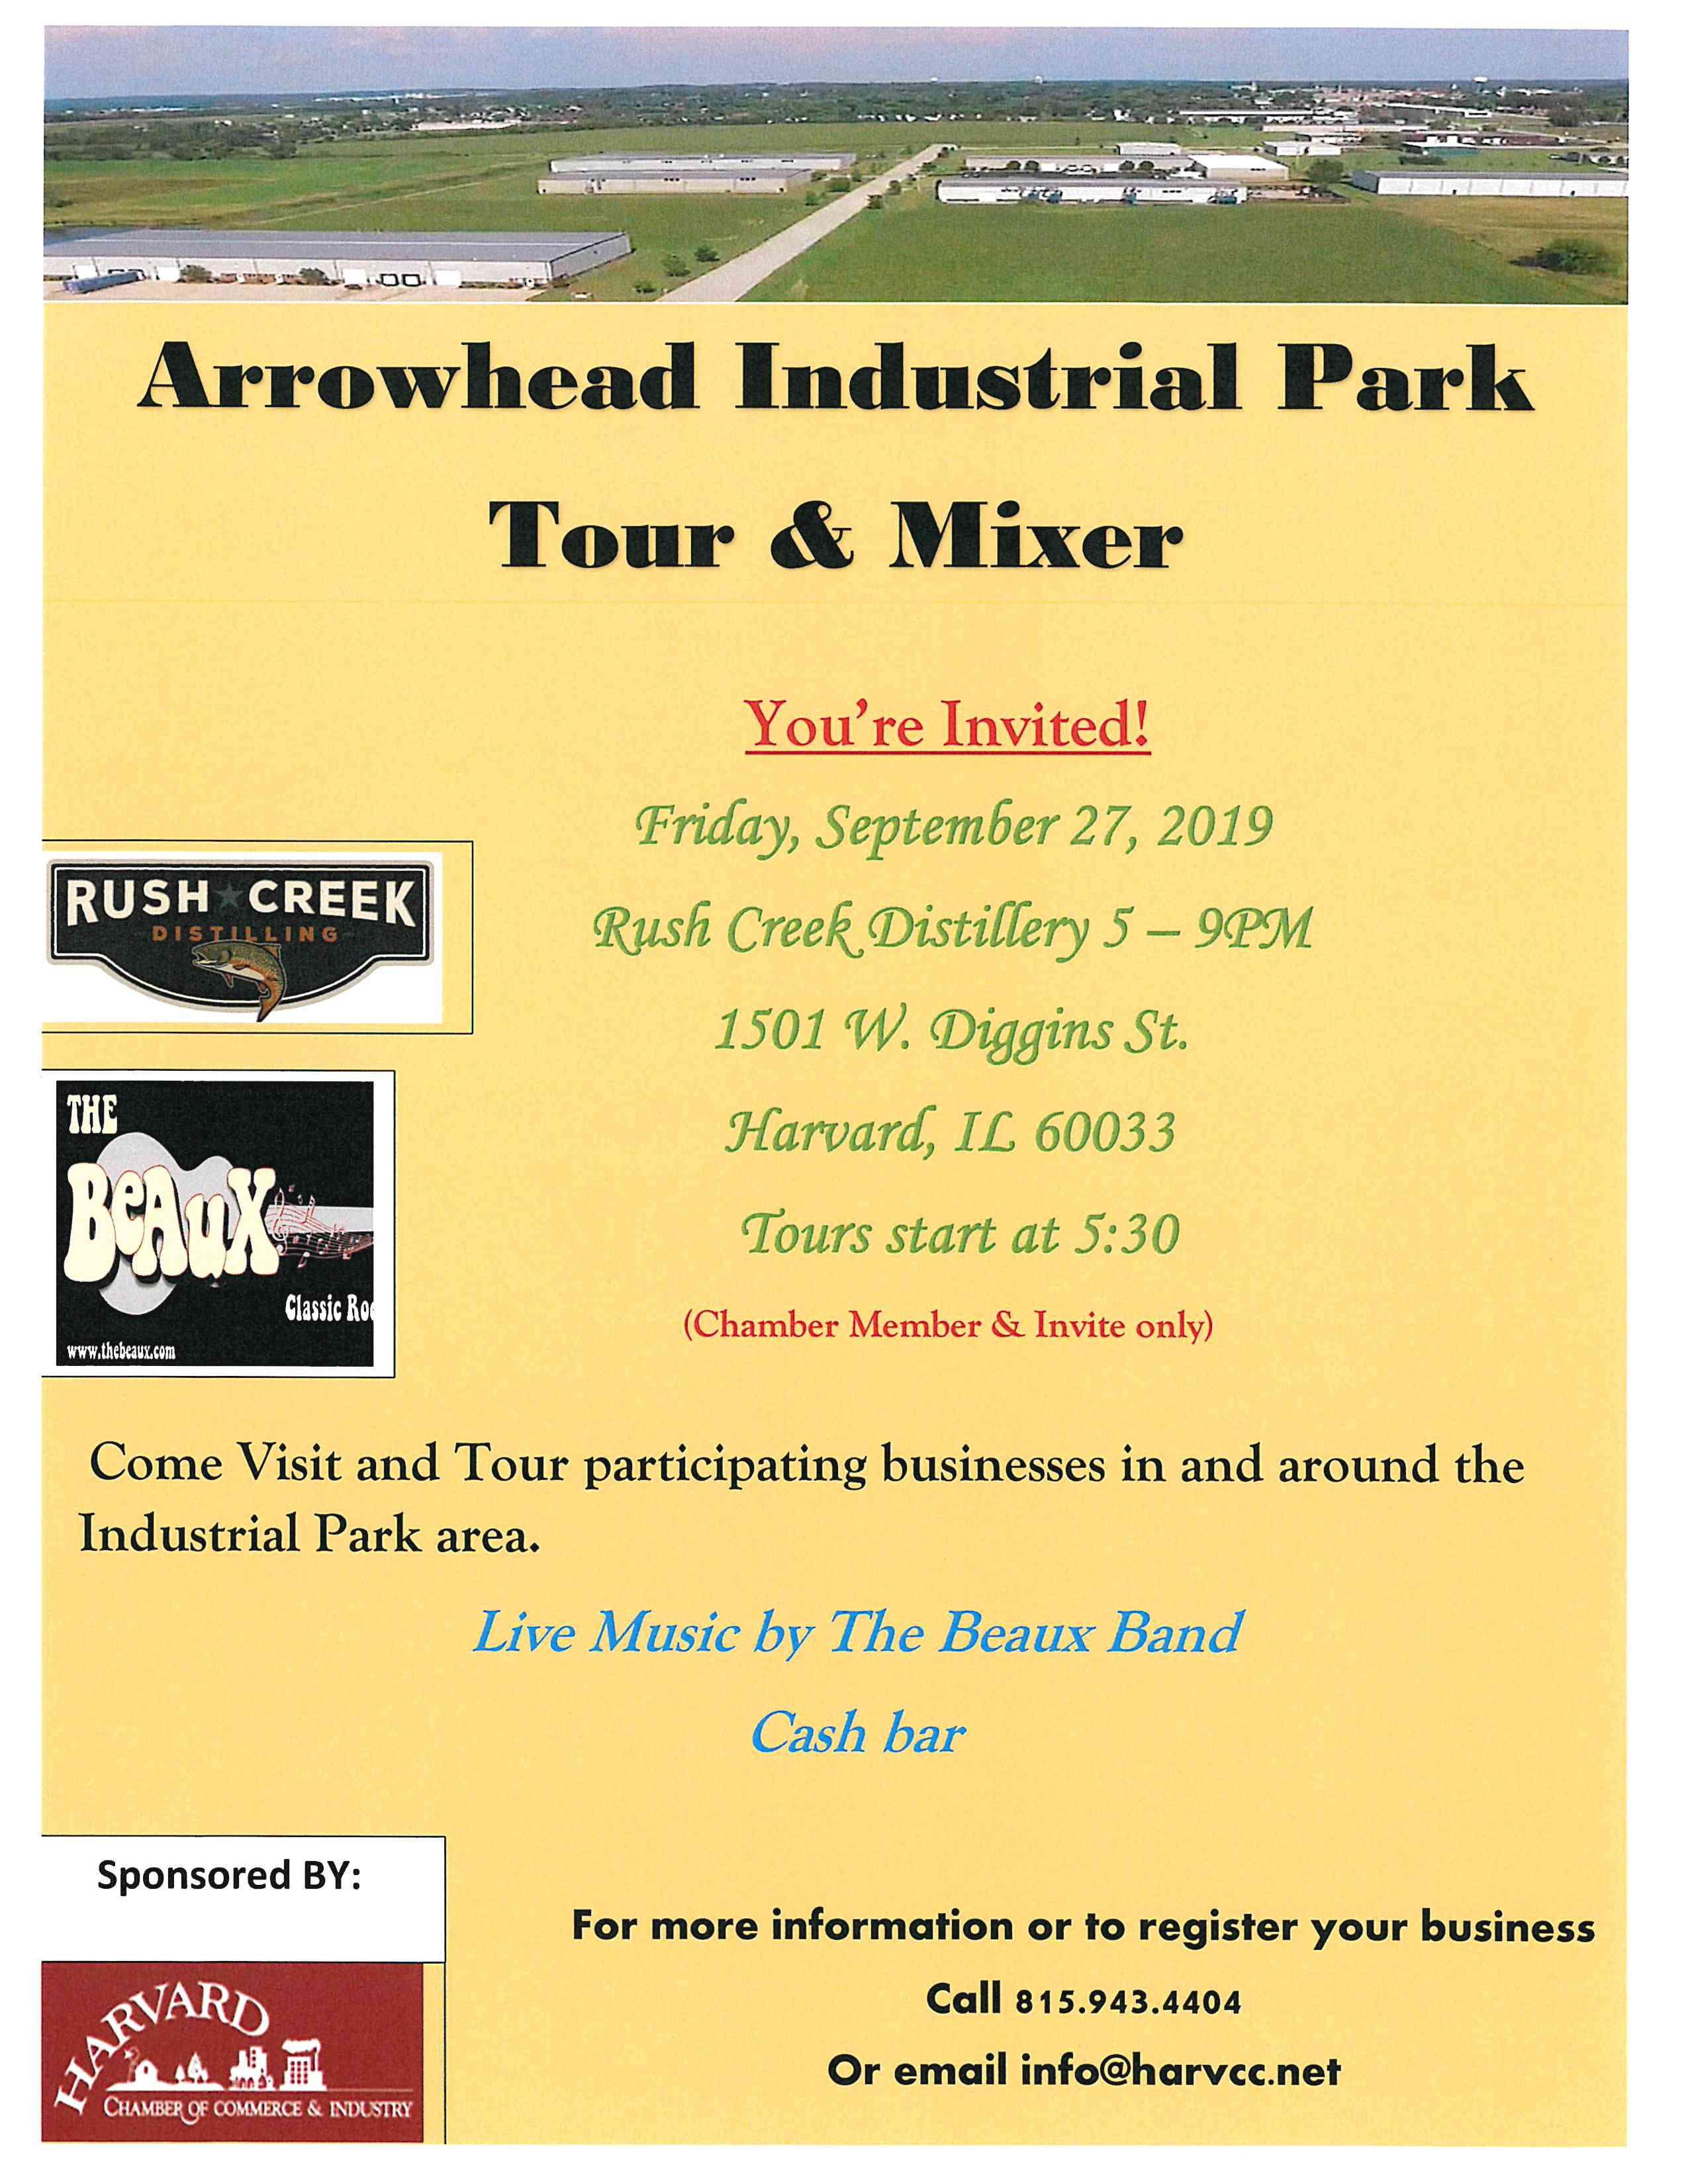 Industrial Park Tour 2019 flyer